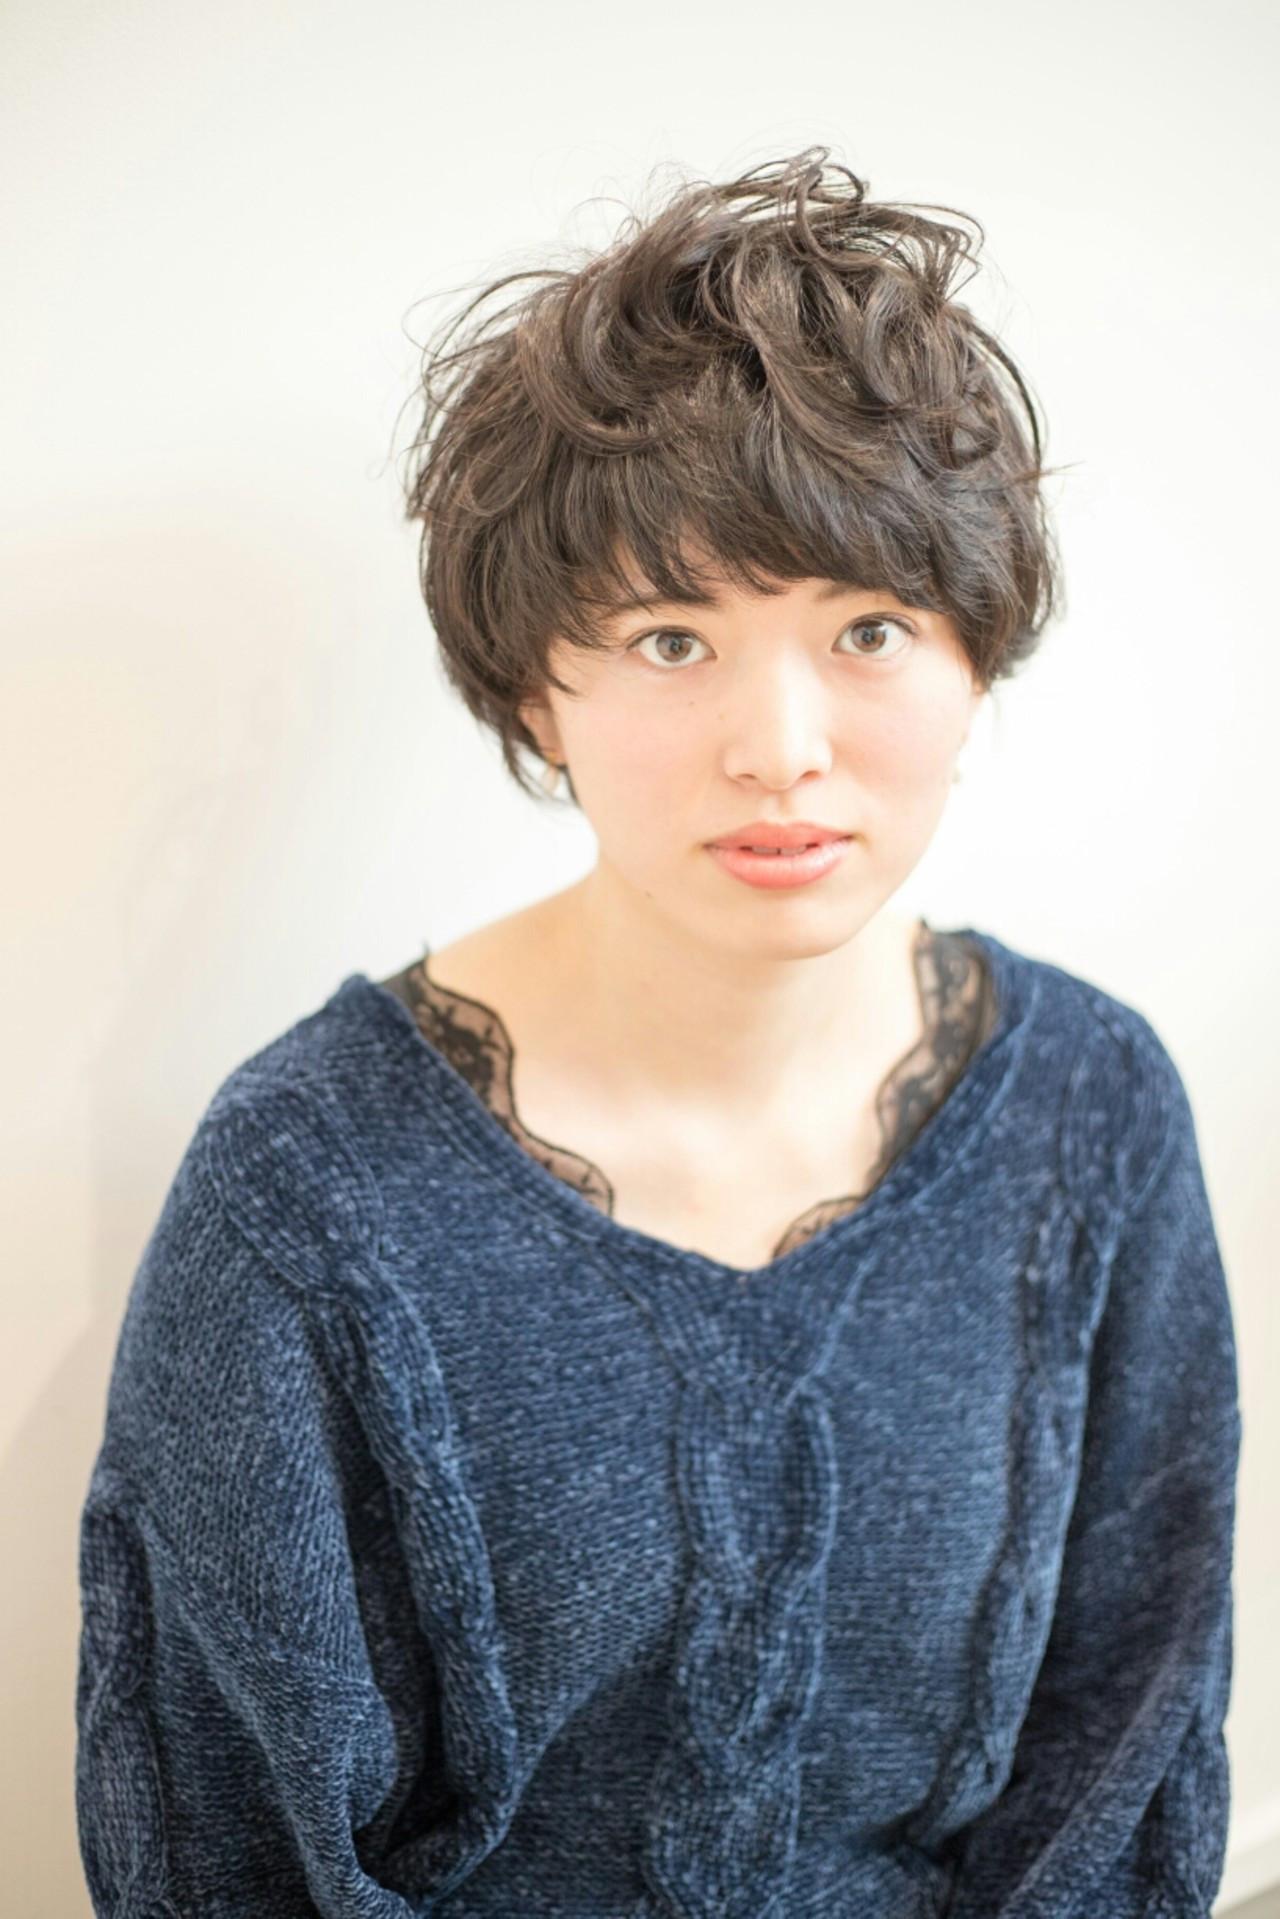 パーマを当てて丸顔さんはひし形を意識して Naoki Ozawa